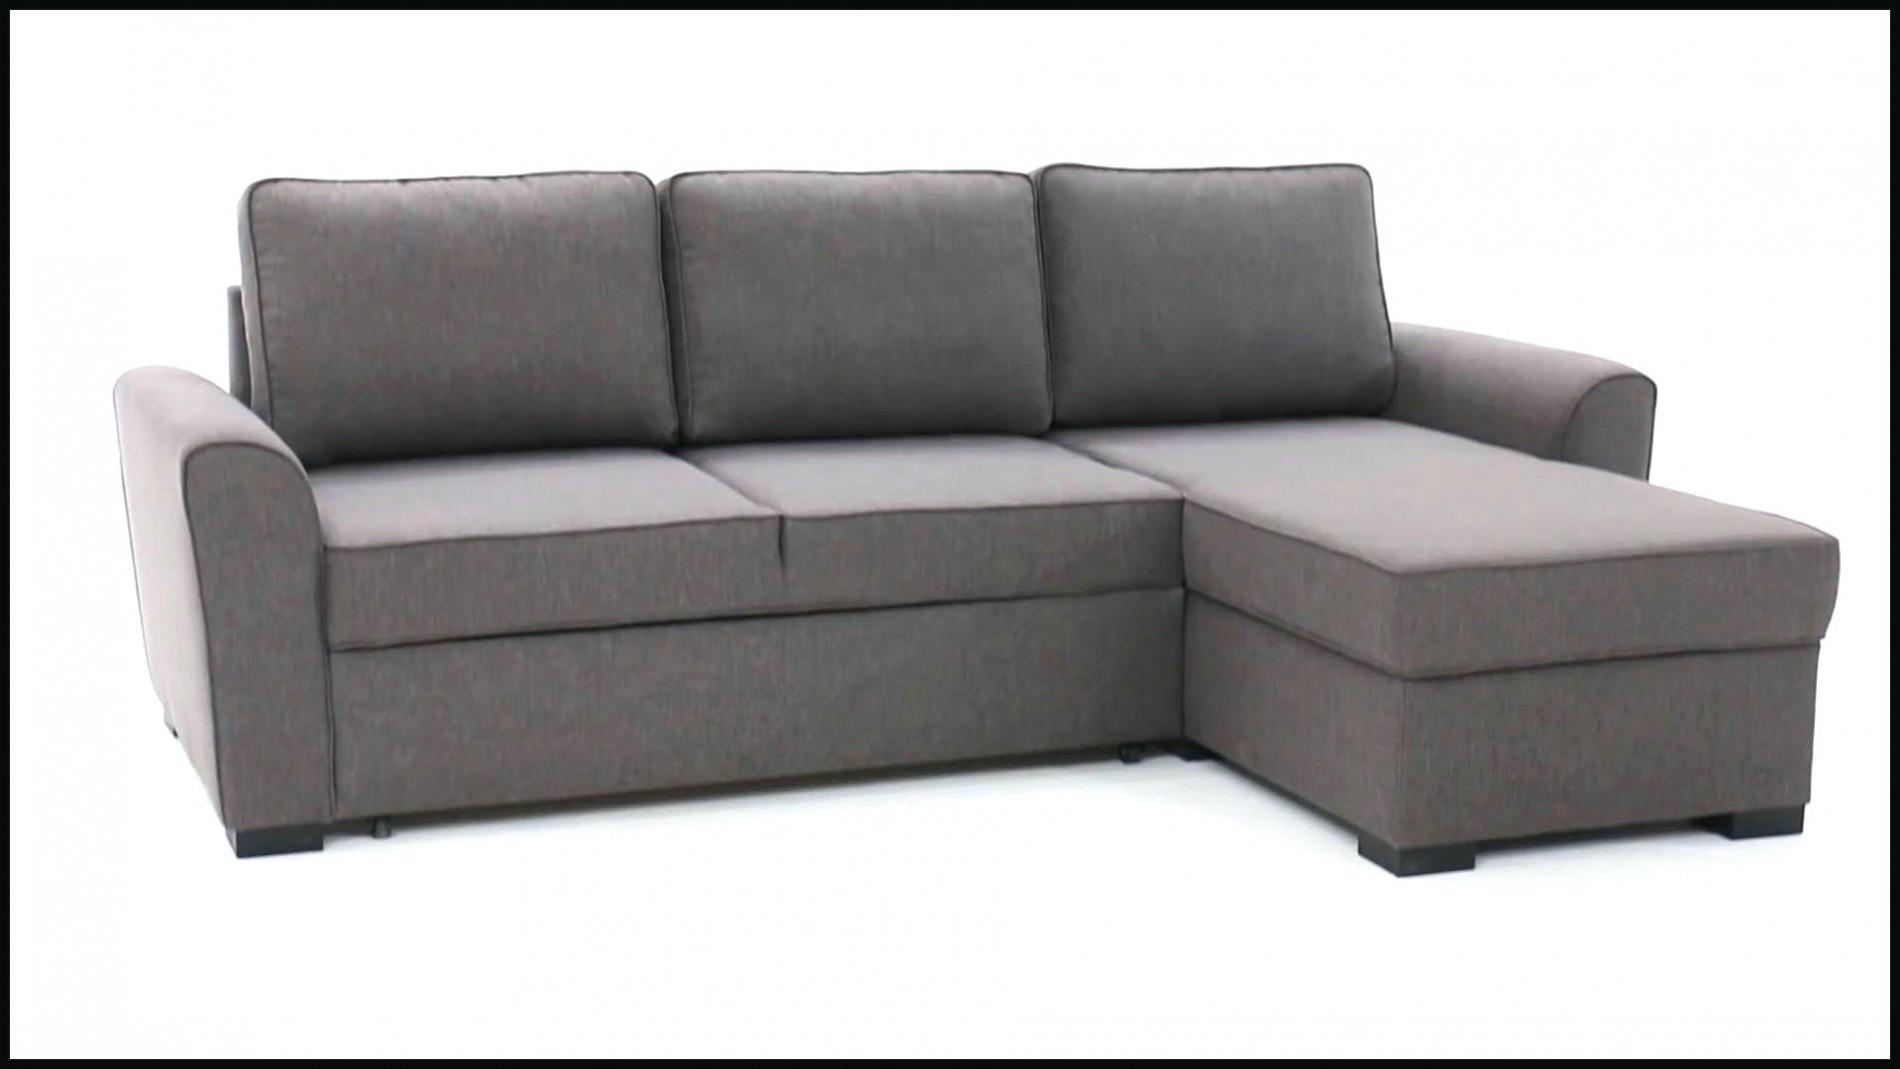 Housse Canapé 2 Places Ikea Inspirant Photos La Charmant Choisir Un Canapé Conception  Perfectionner La G Te